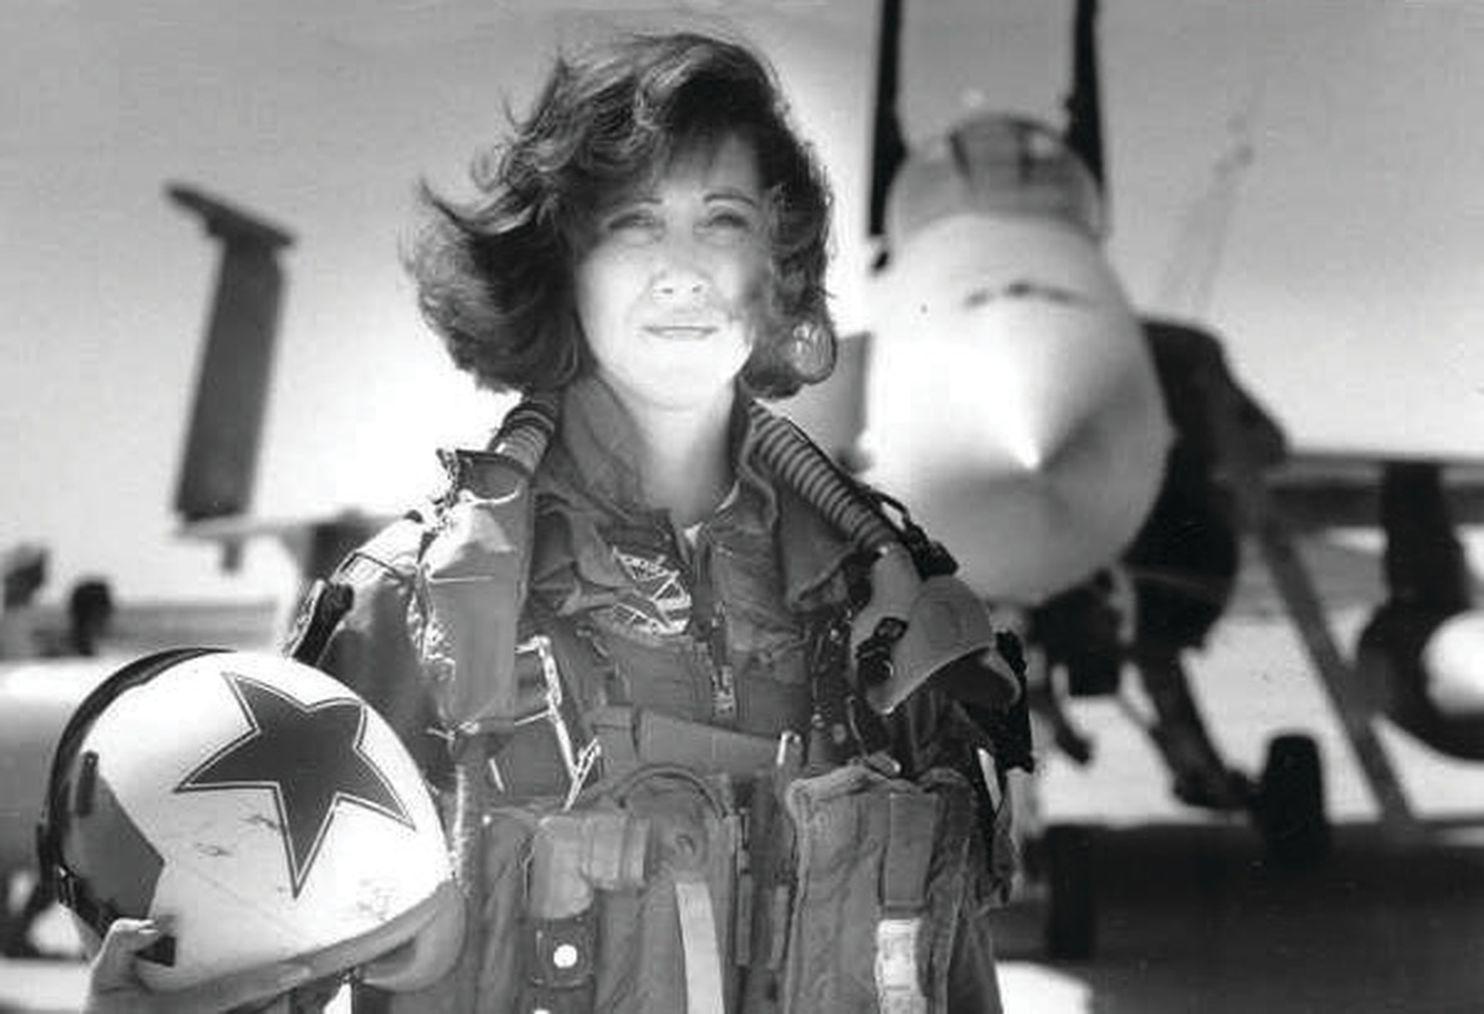 Tammie Jo Shults en una fotografía de los años noventa (Courtesy Linda Maloney)